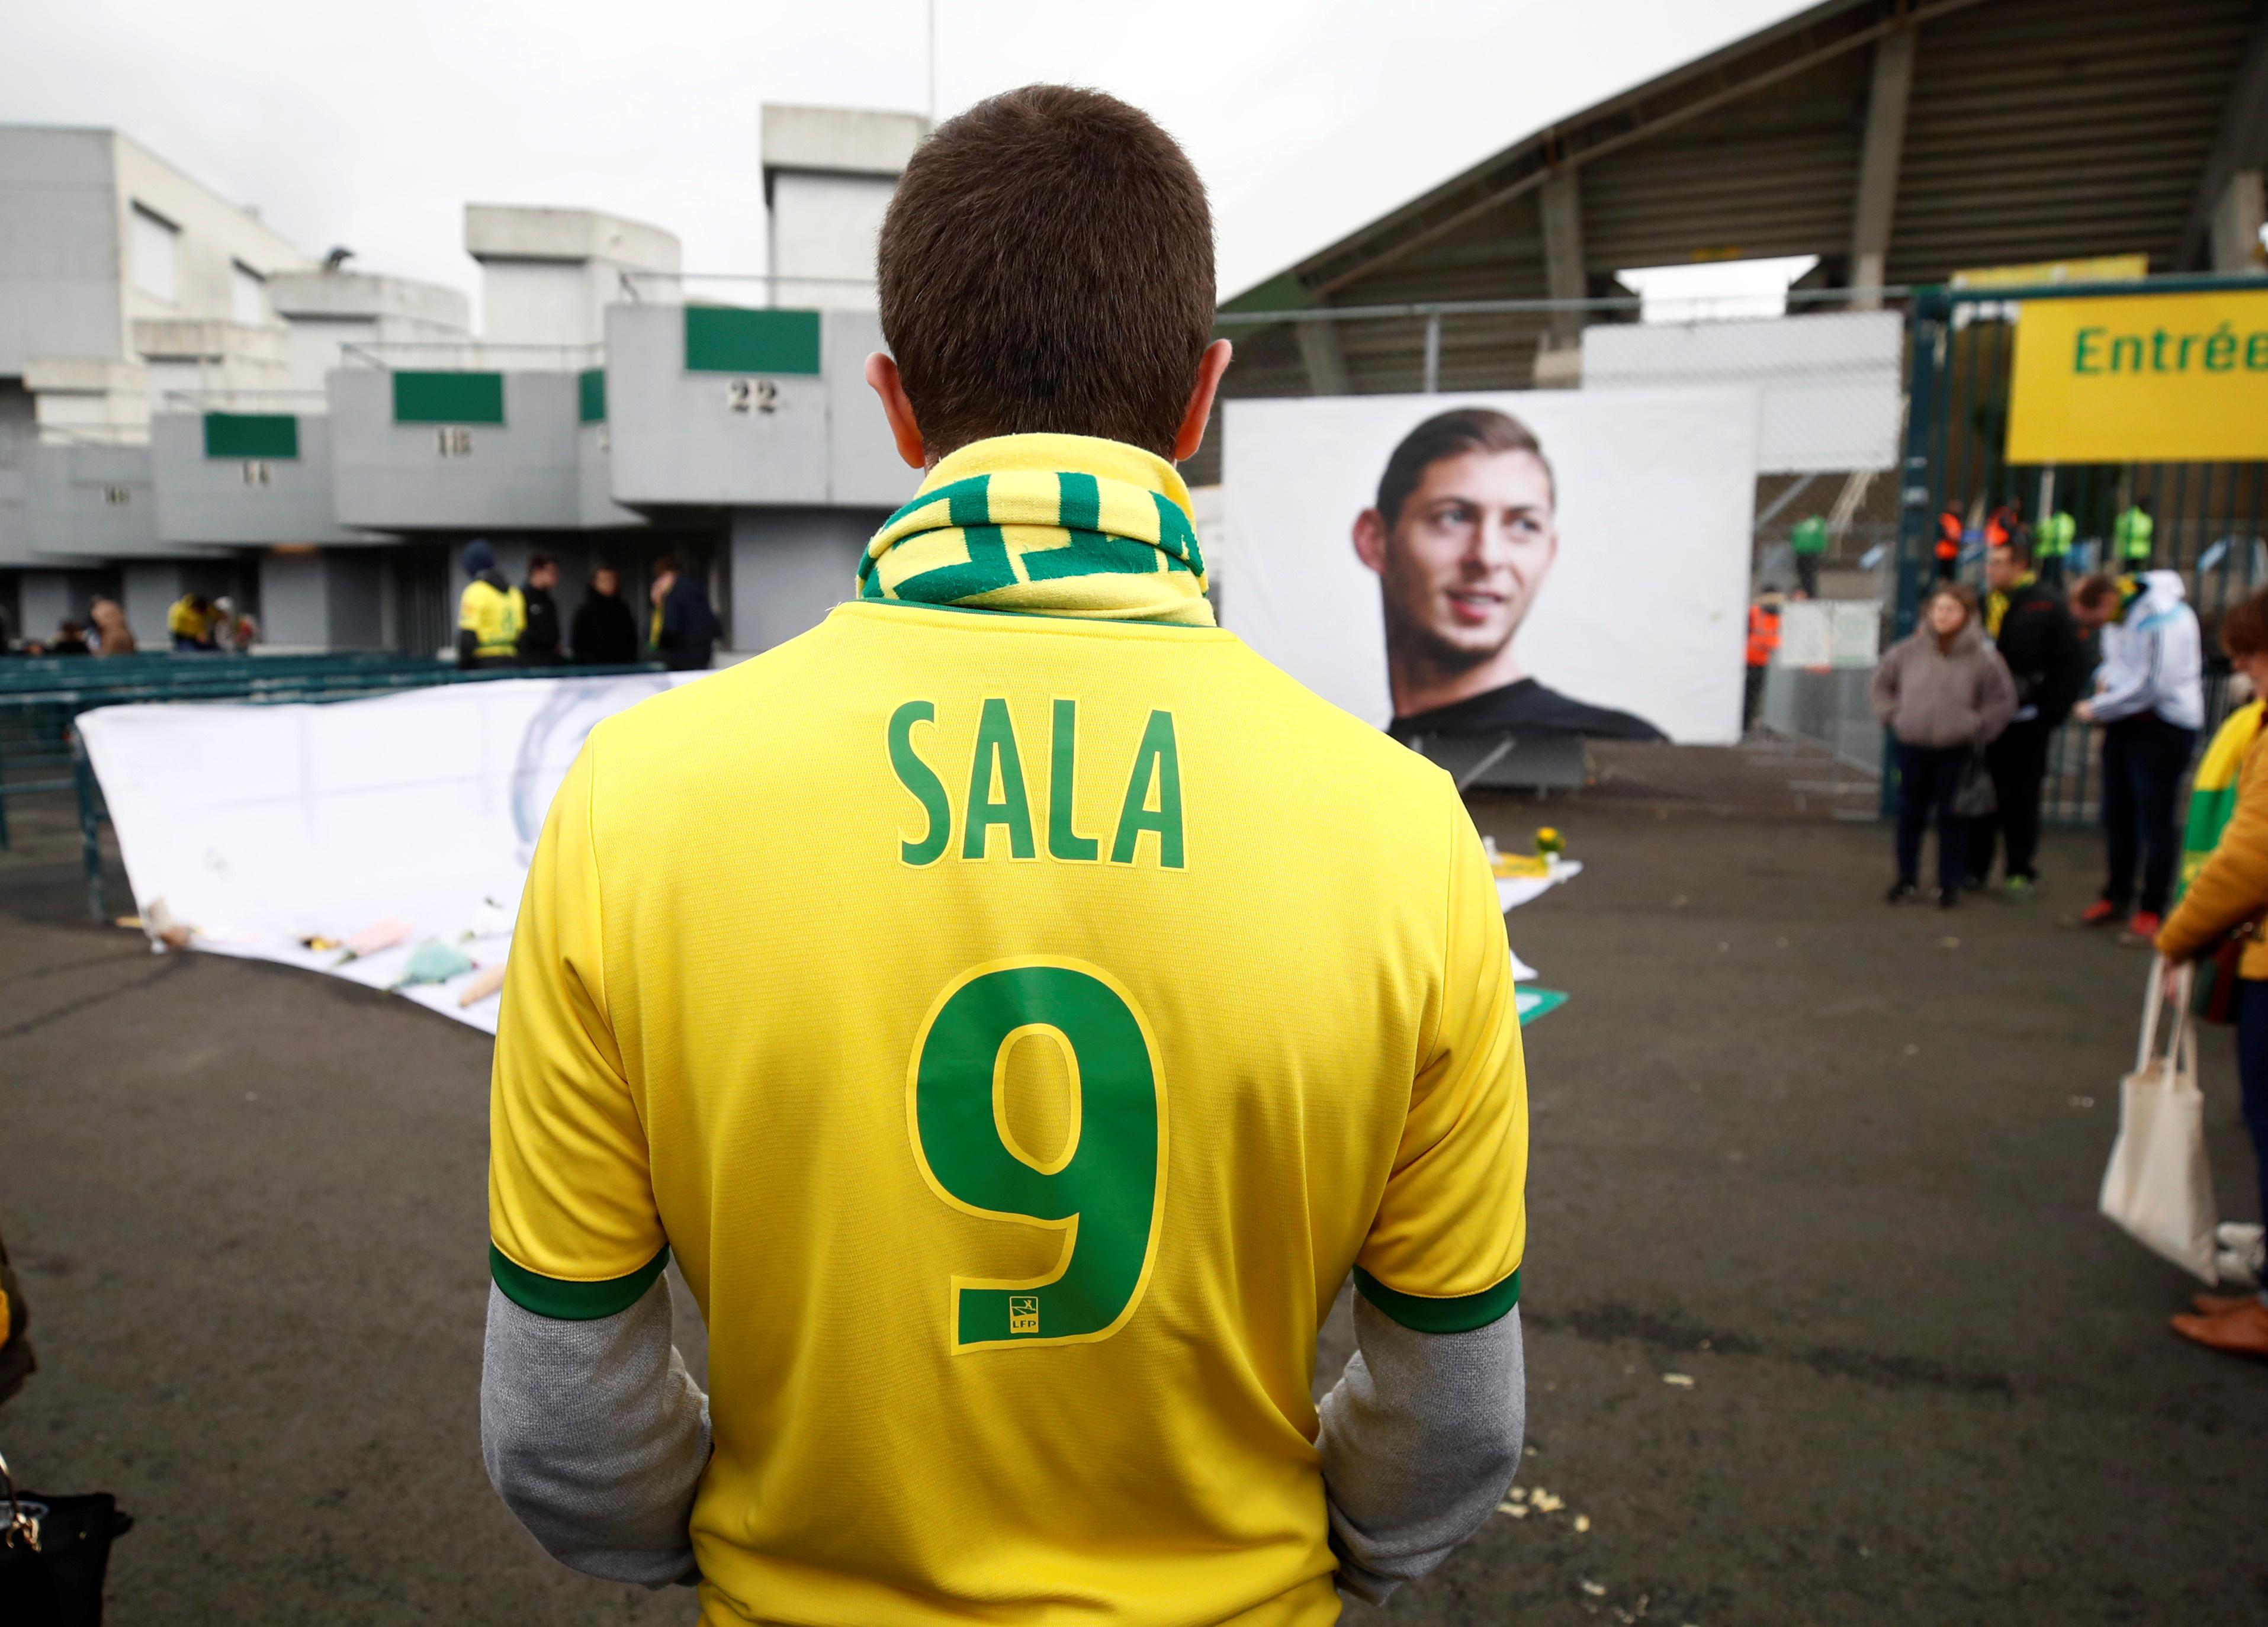 Muchos aficionados, antes de entrar en el estadio, se dieron cita delante de una de las puertas de acceso al recinto, donde dejaron flores y mensajes ante una fotografía gigante de Sala